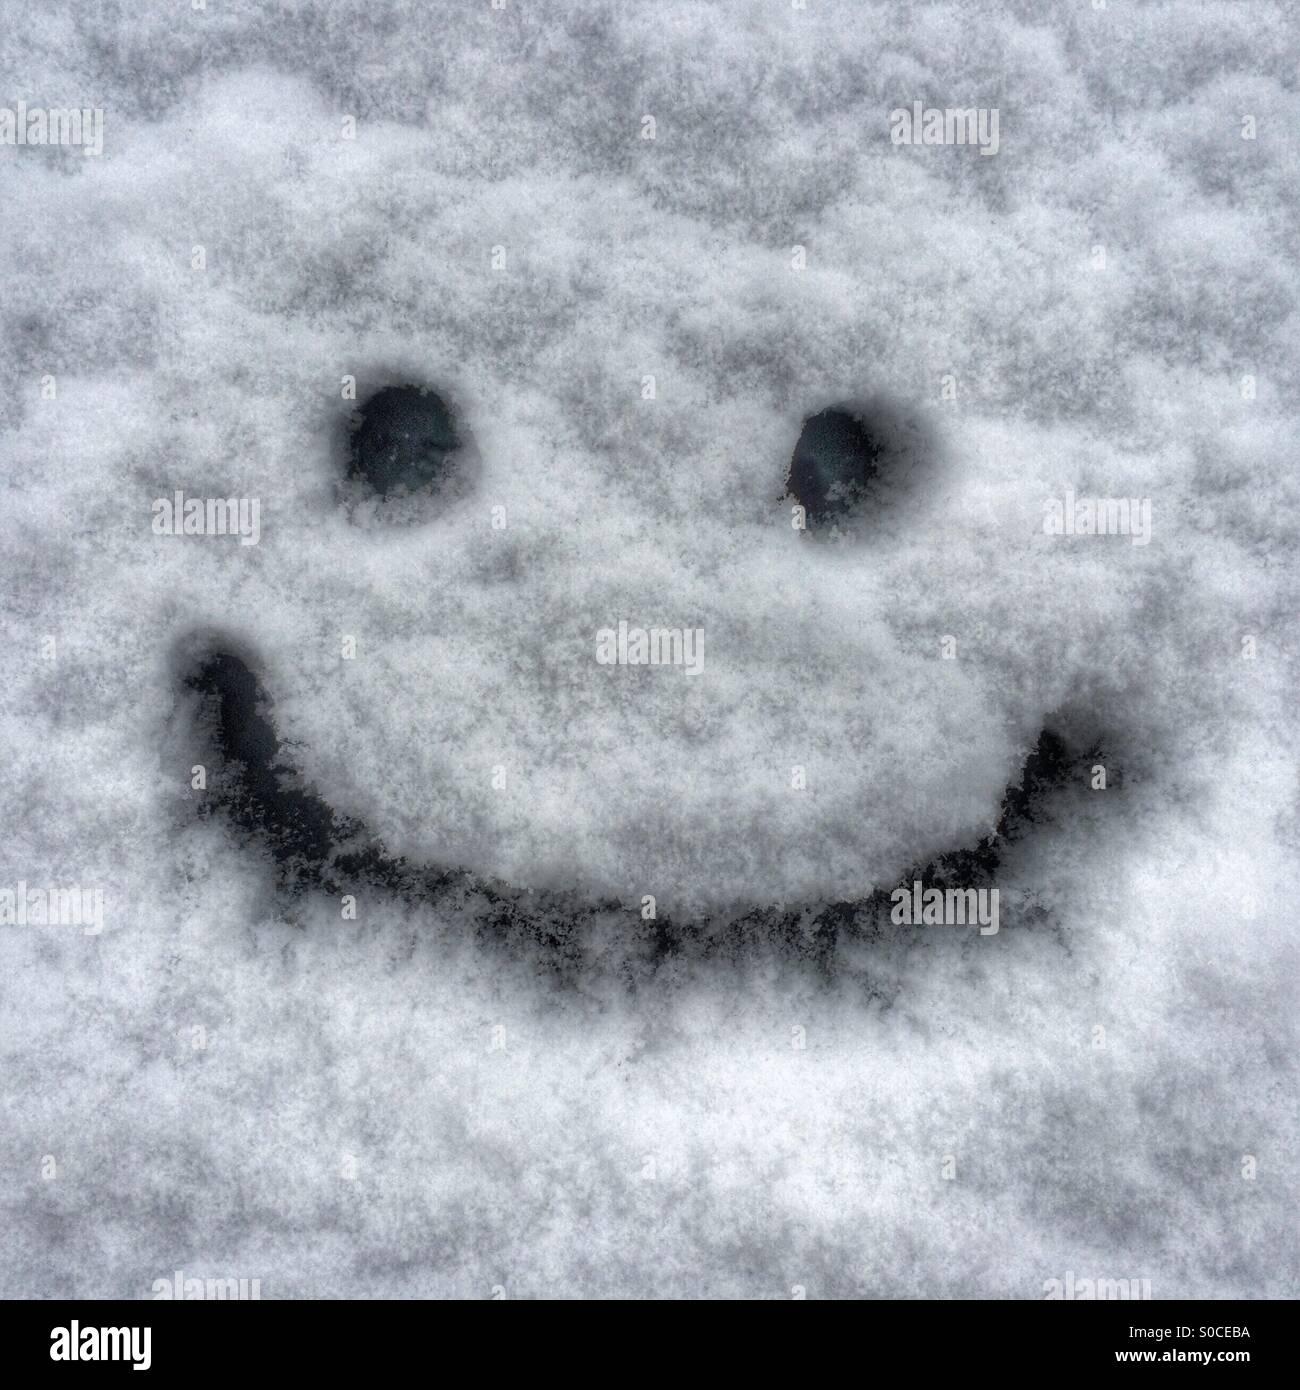 No se preocupe y sea feliz - una cara sonriente dibujada en un coche parabrisas nevados Imagen De Stock